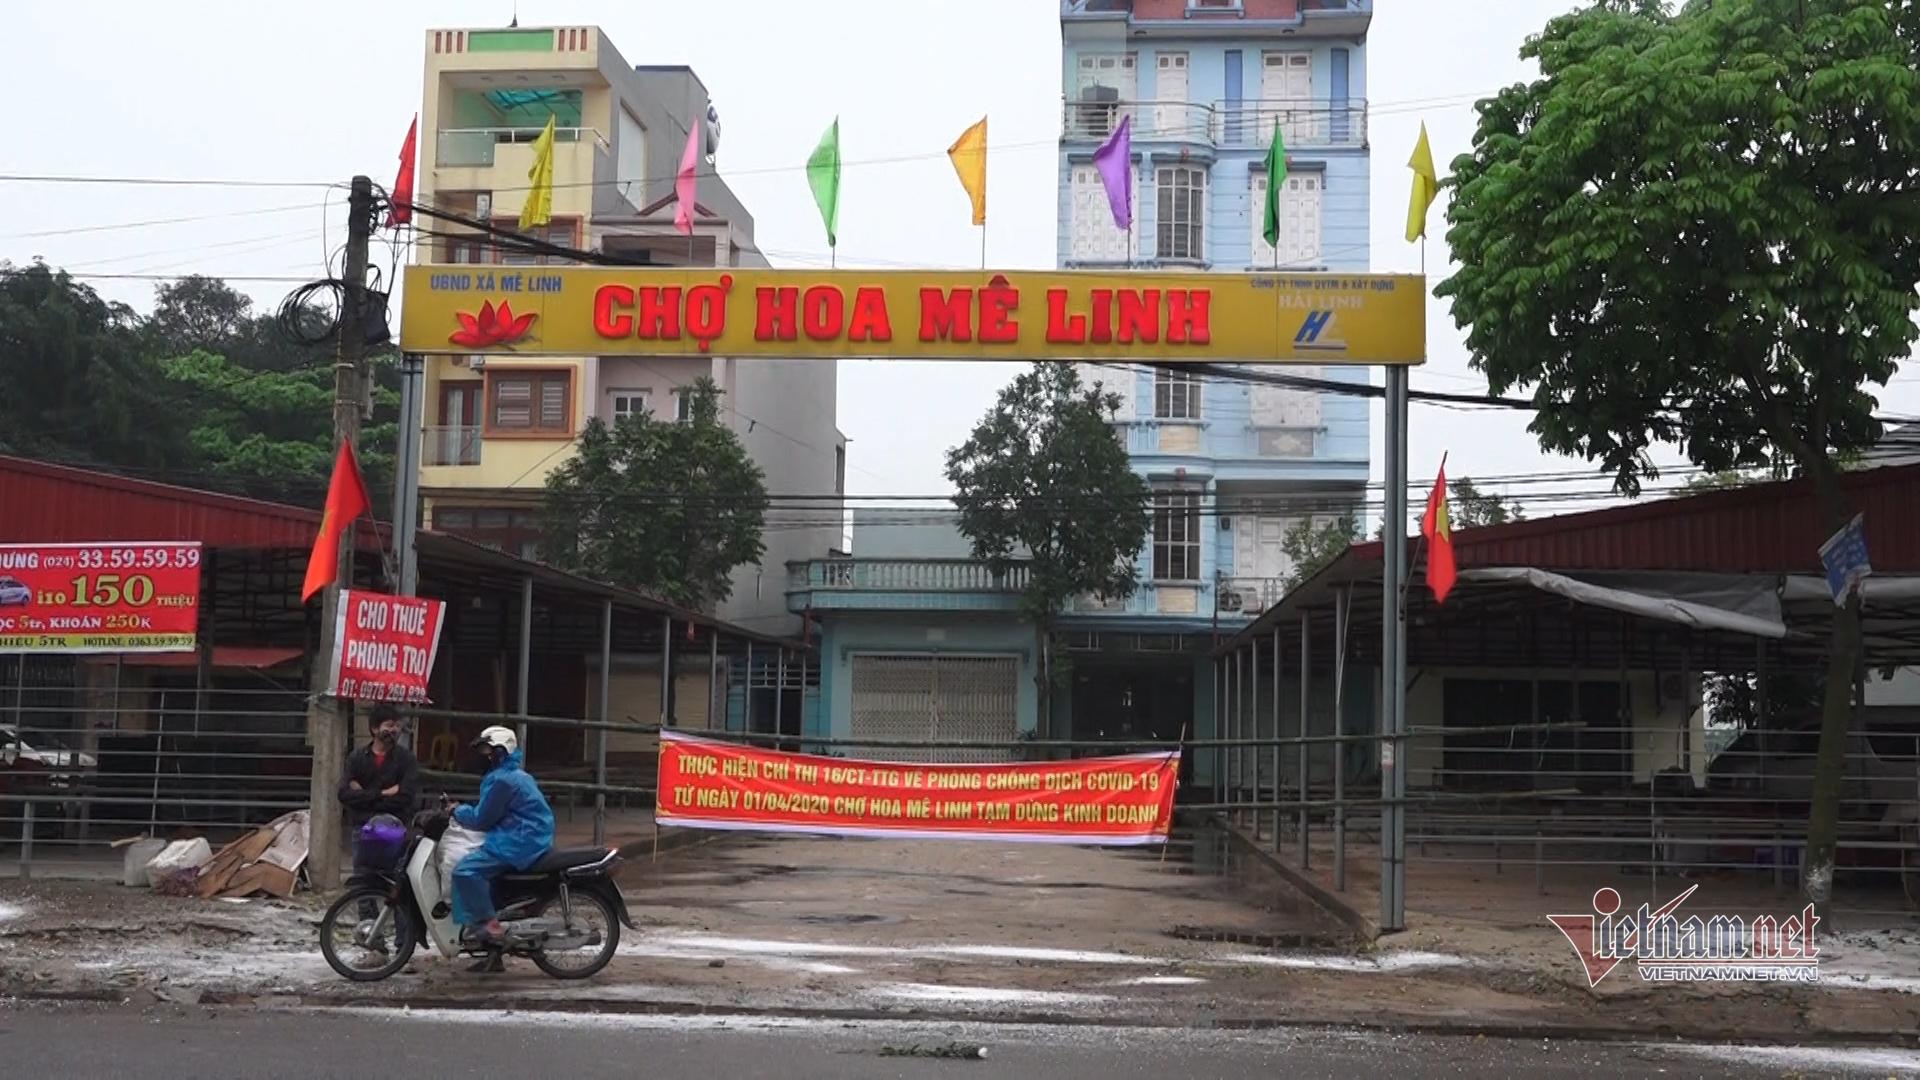 Dịch Covid-19: Hà Nội rà soát chợ hoa Mê Linh